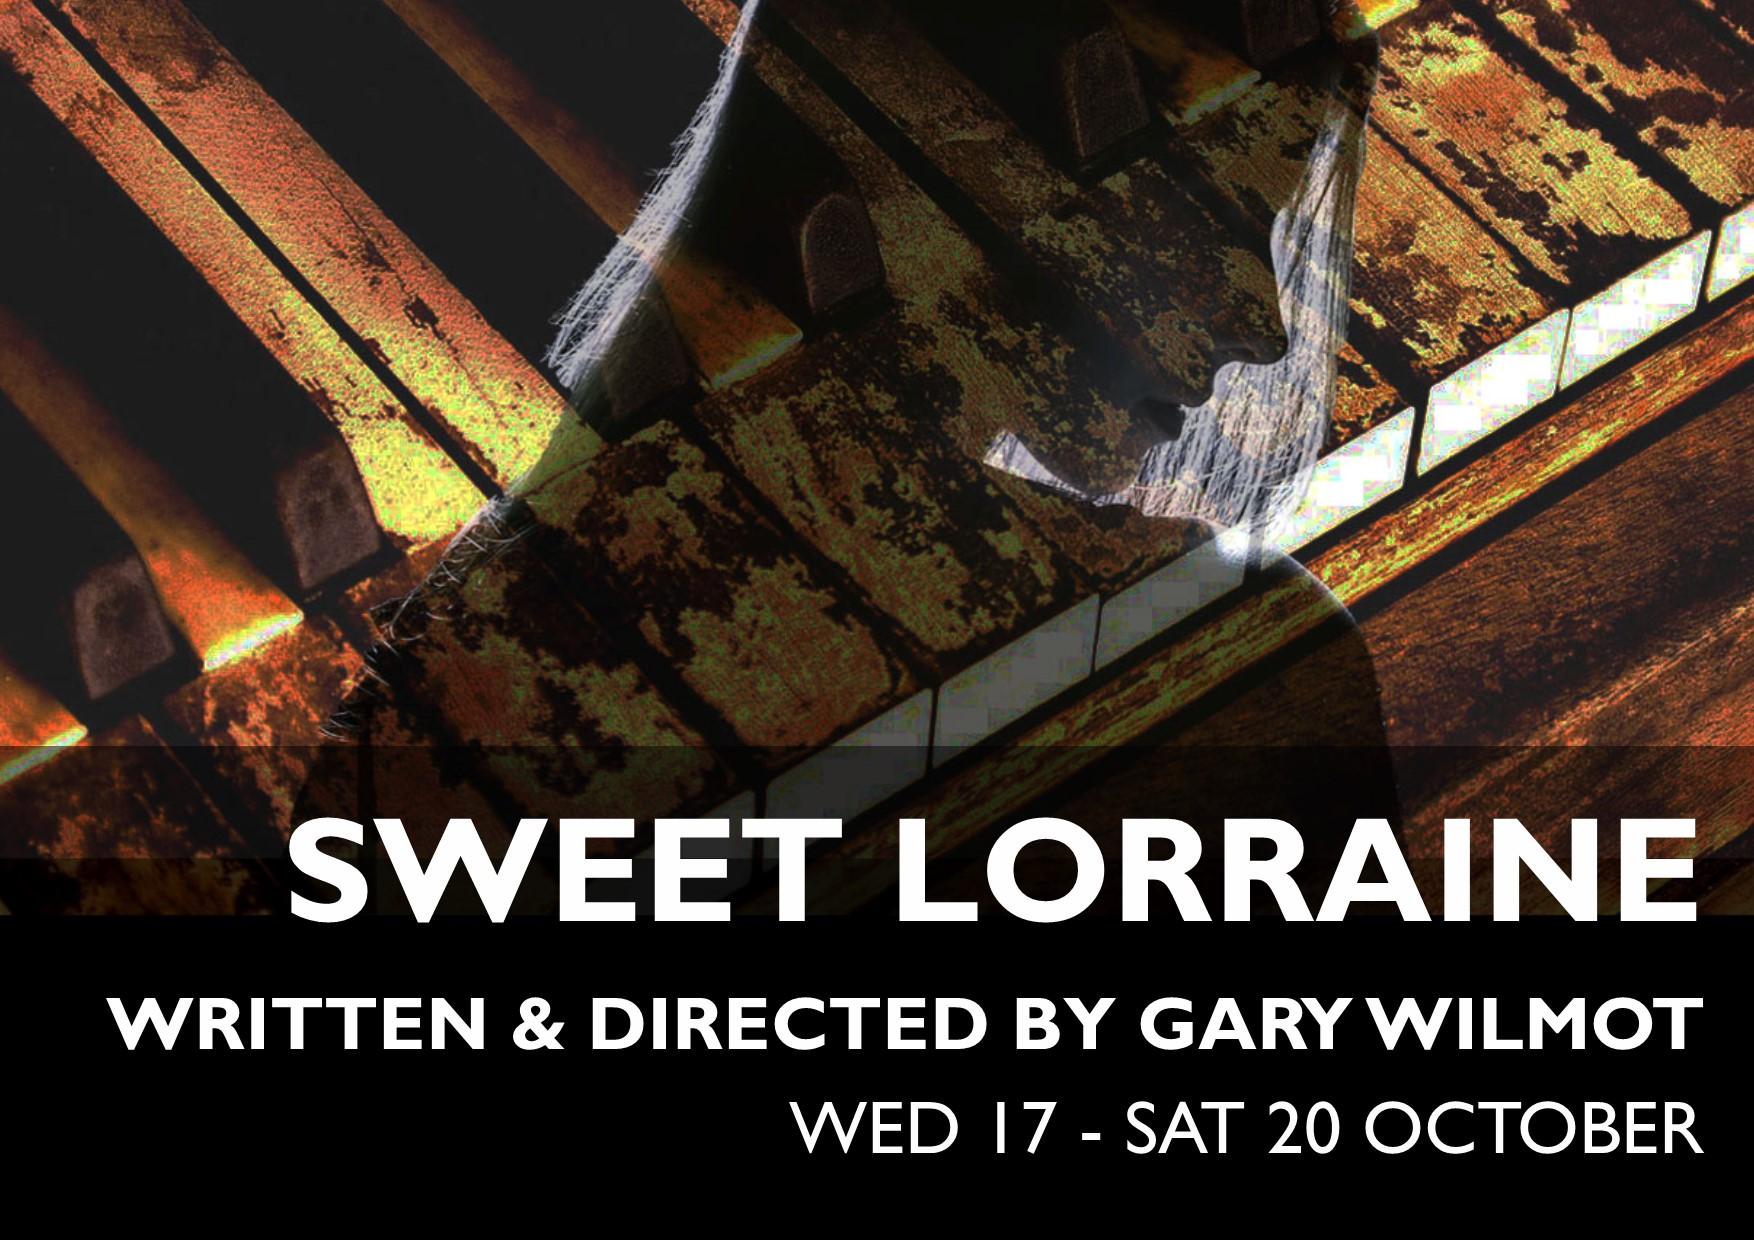 Sweet Lorraine - by Gary Wilmot